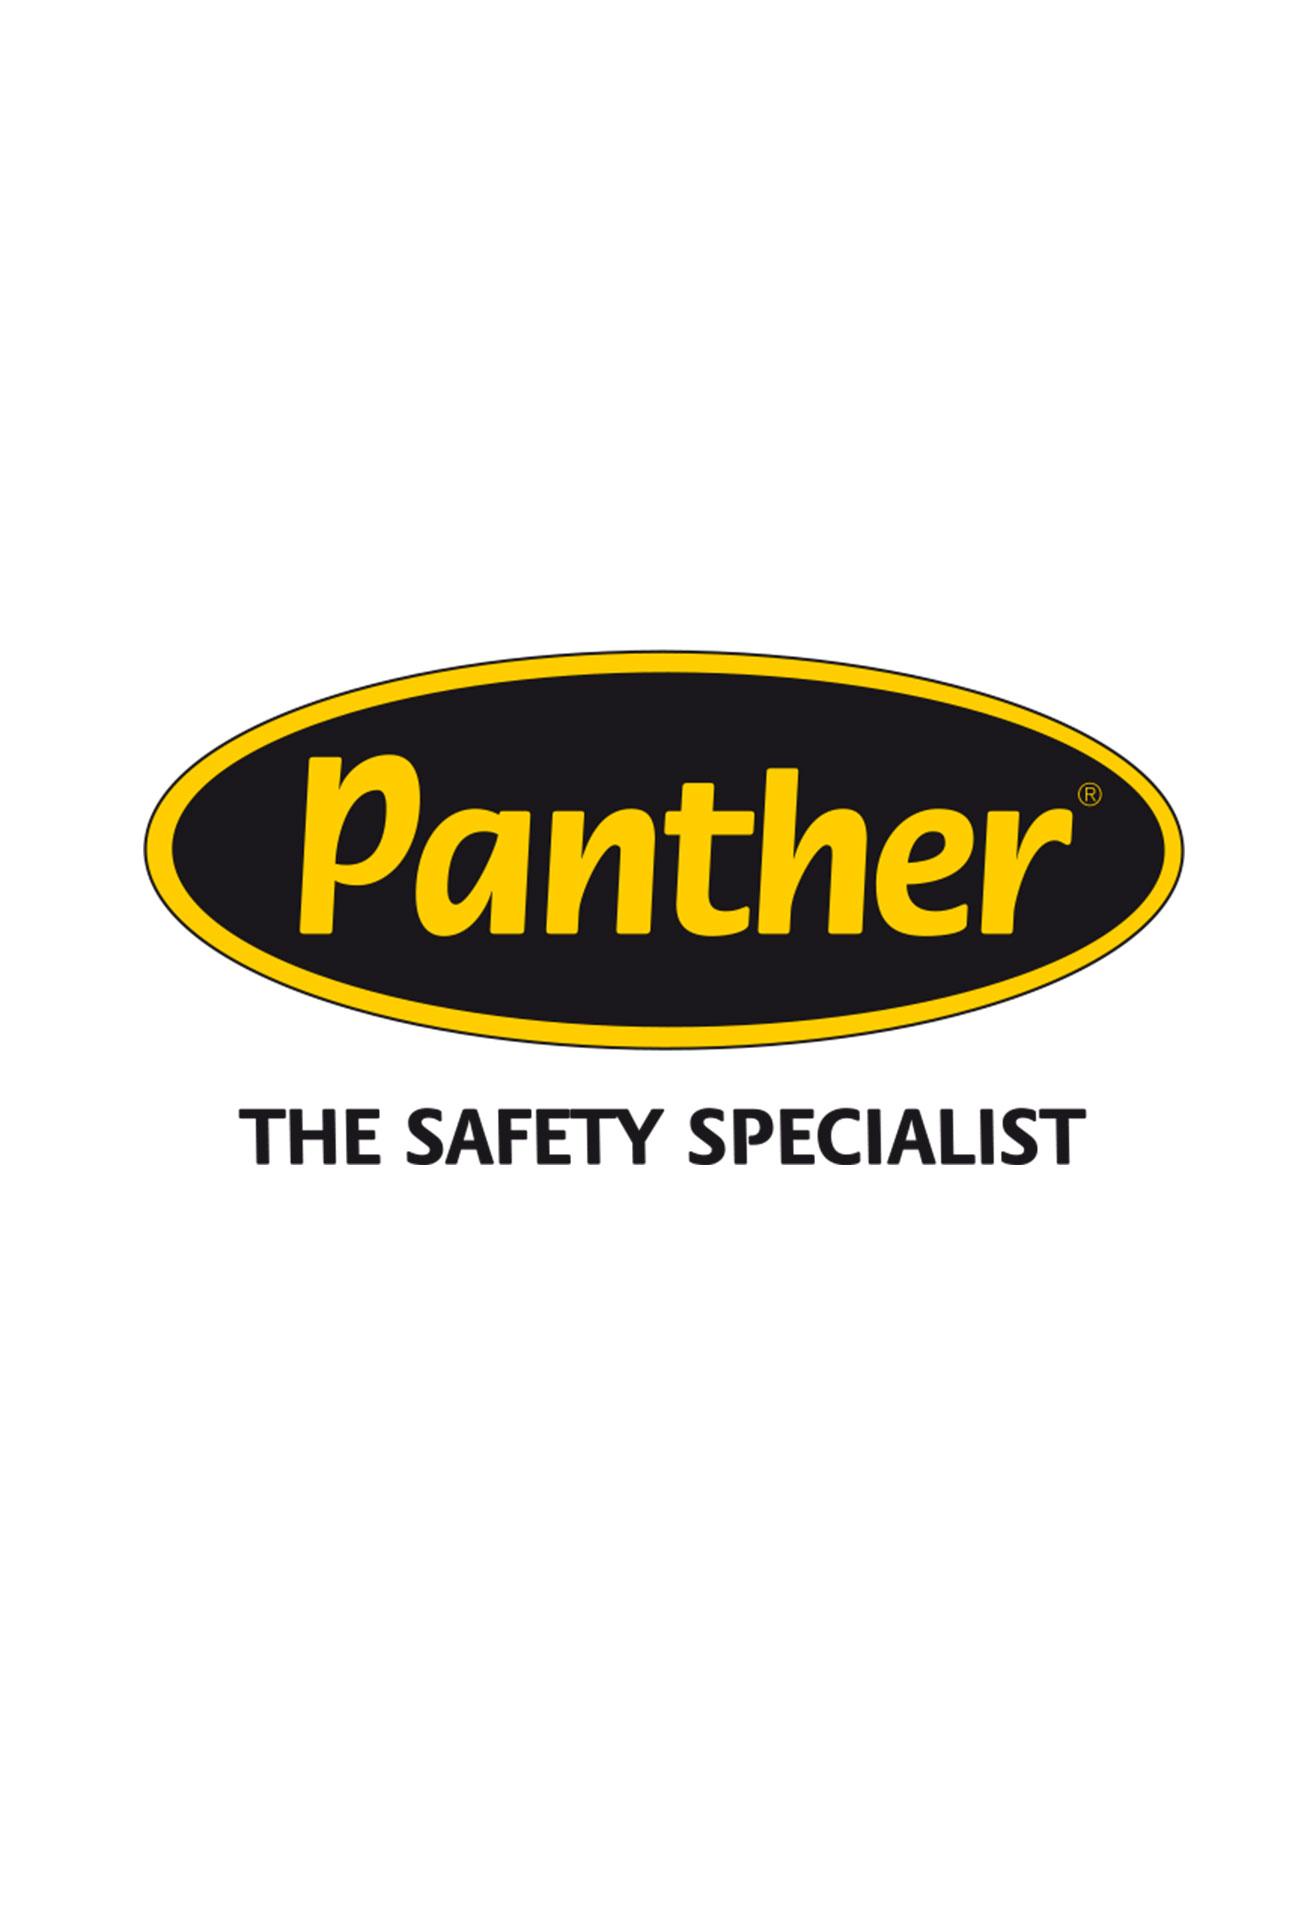 panther_p